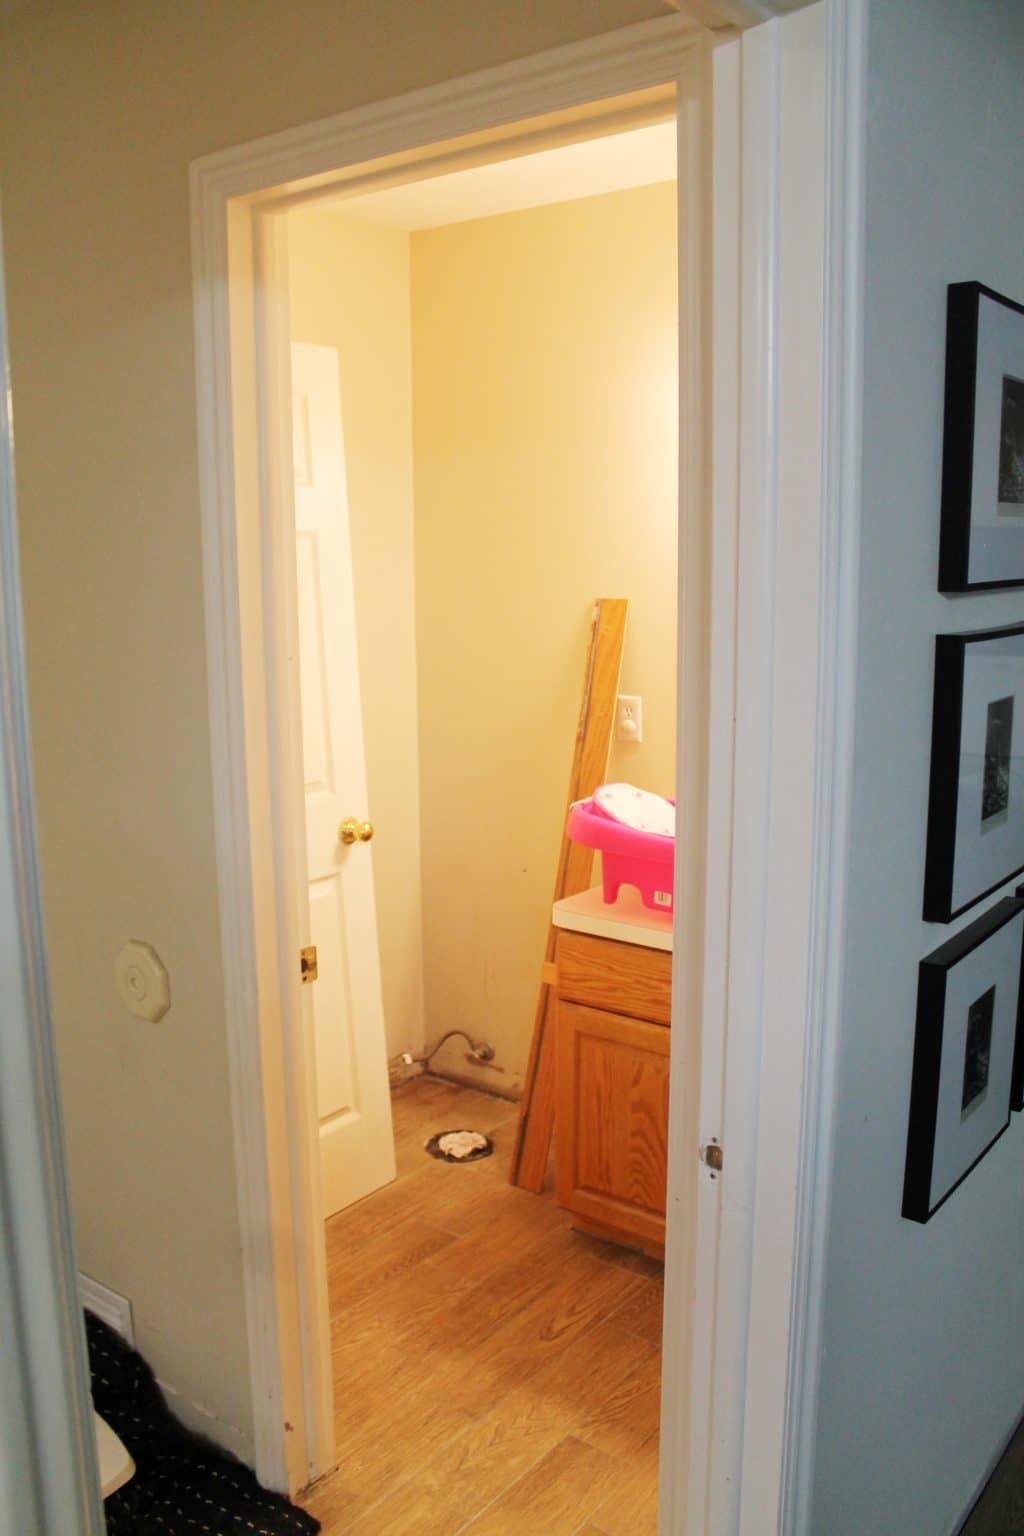 Tags best half bathroom ideas half bathroom ideas 2014 half pictures - Img_2950